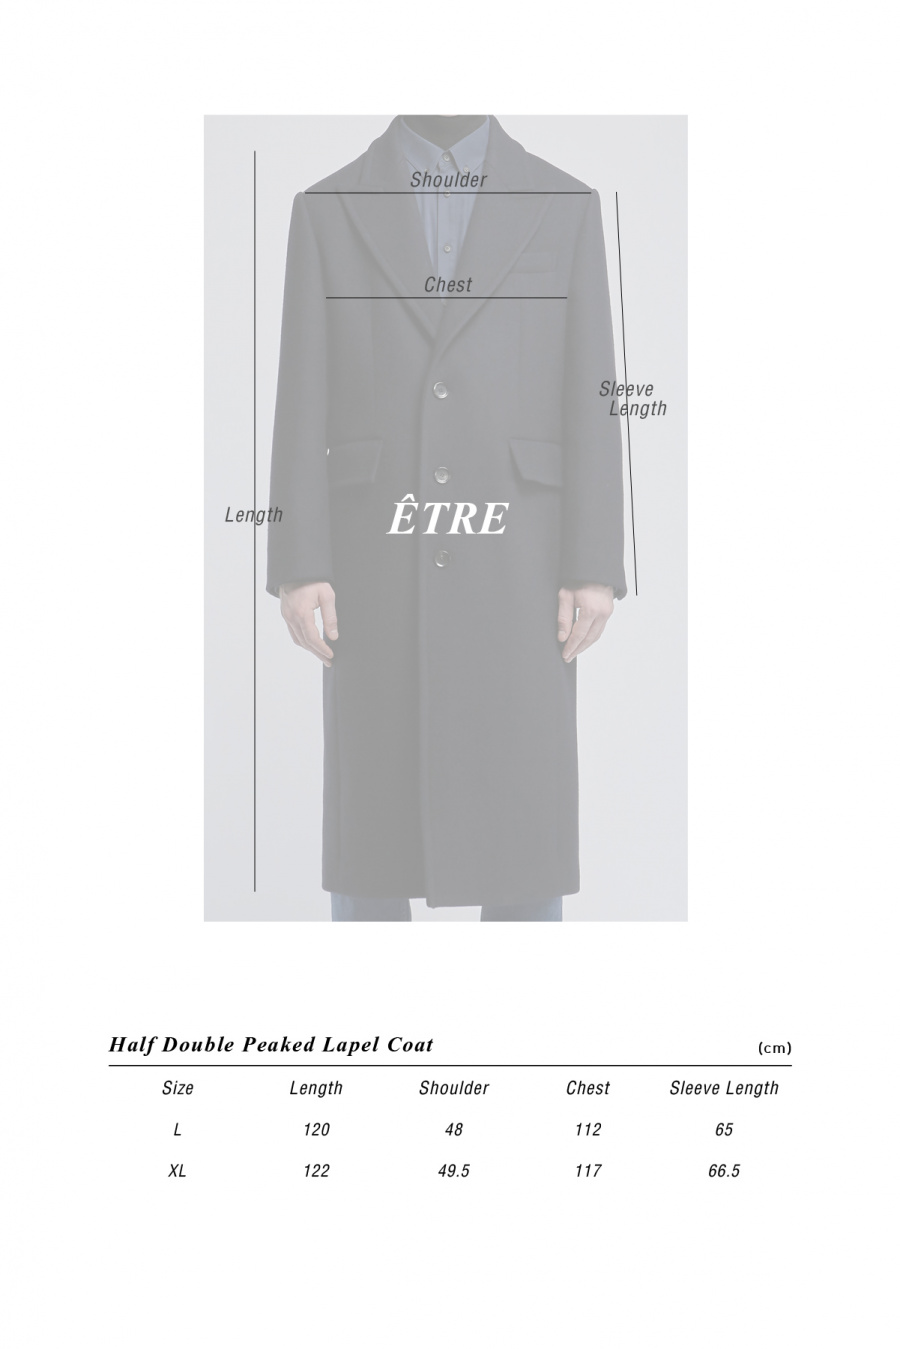 에터(ETRE) 하프더블 피크드라펠 코트